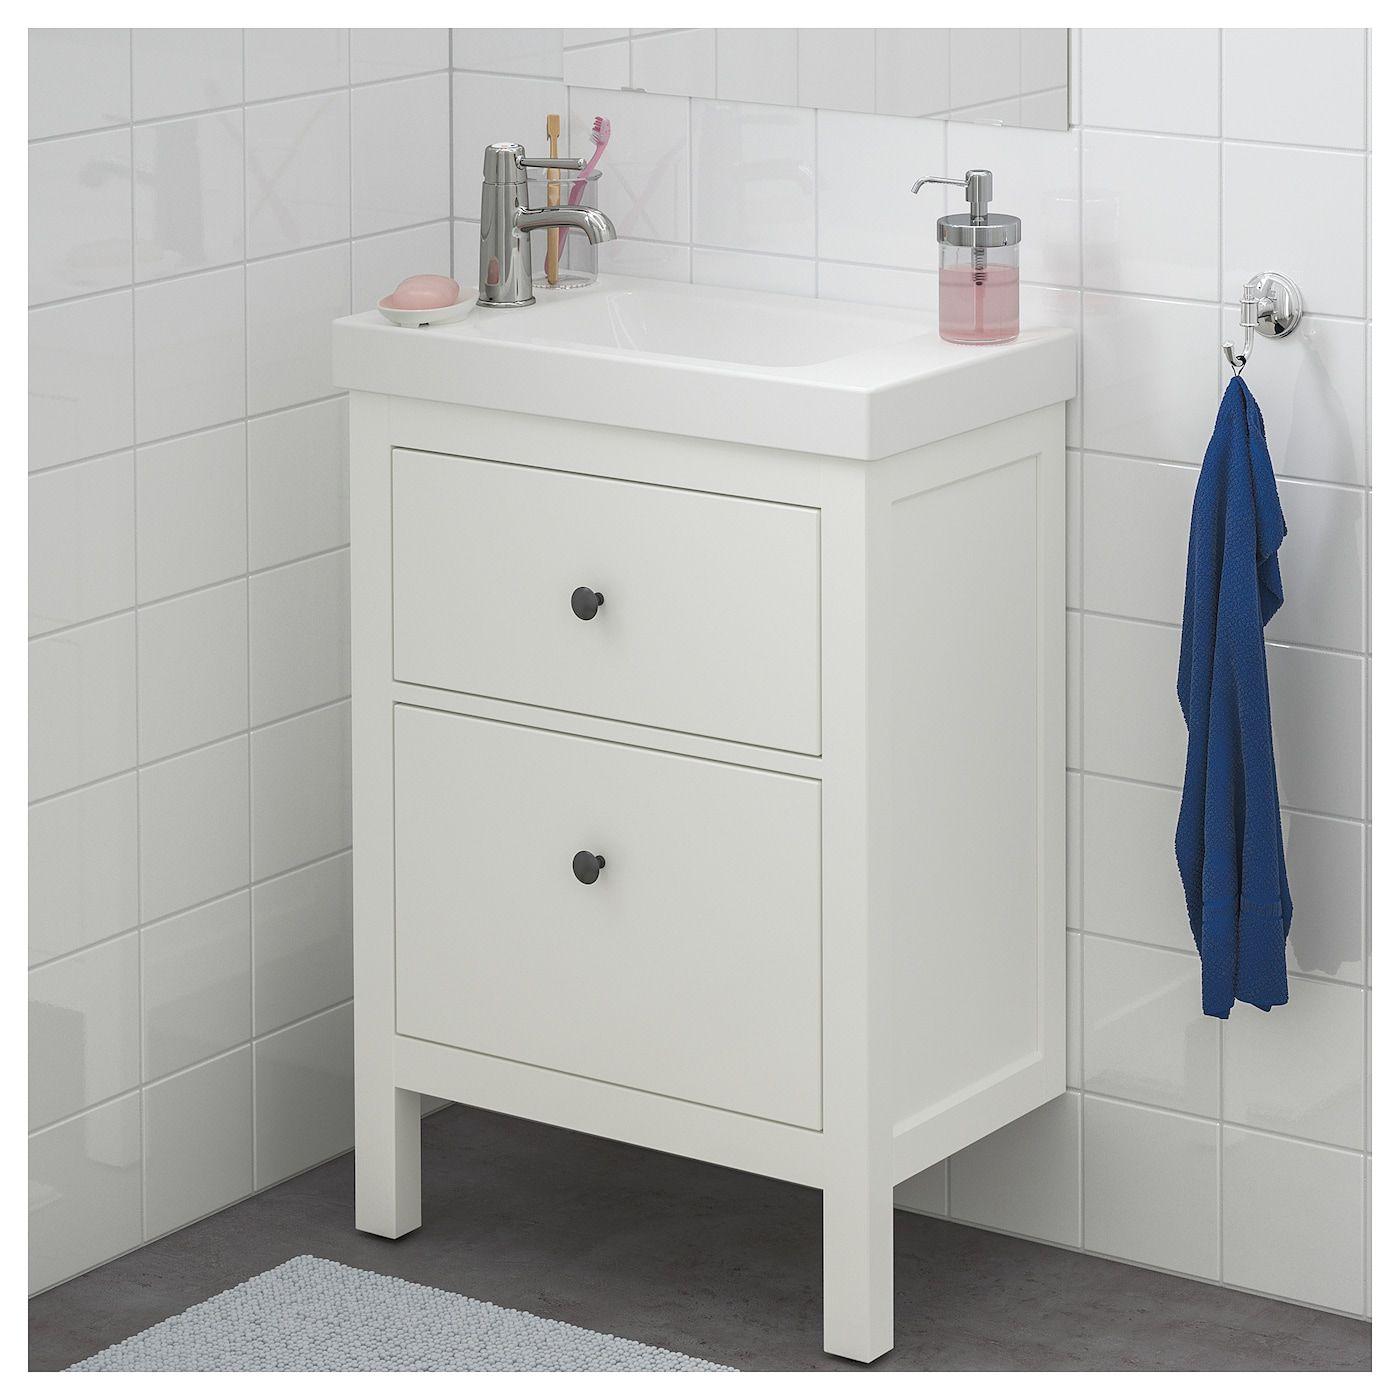 Bild 3 Von 3 Waschbeckenschrank Ikea Hemnes